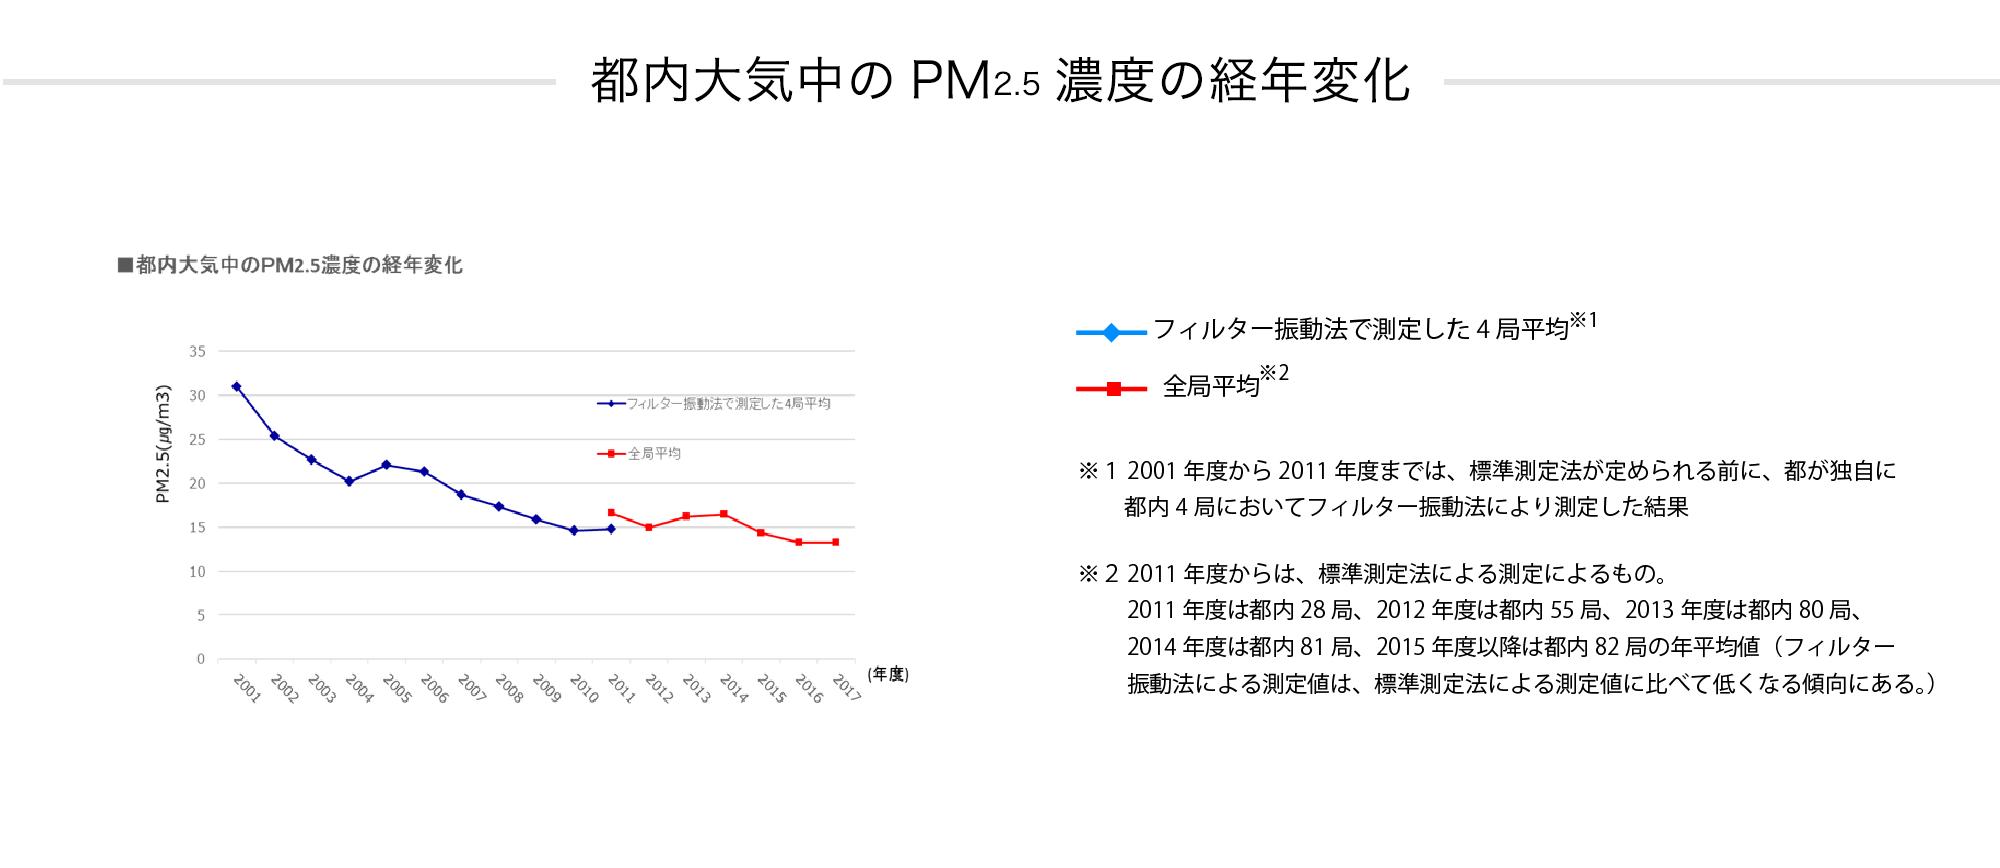 ■都内大気中のPM2.5濃度の経年変化